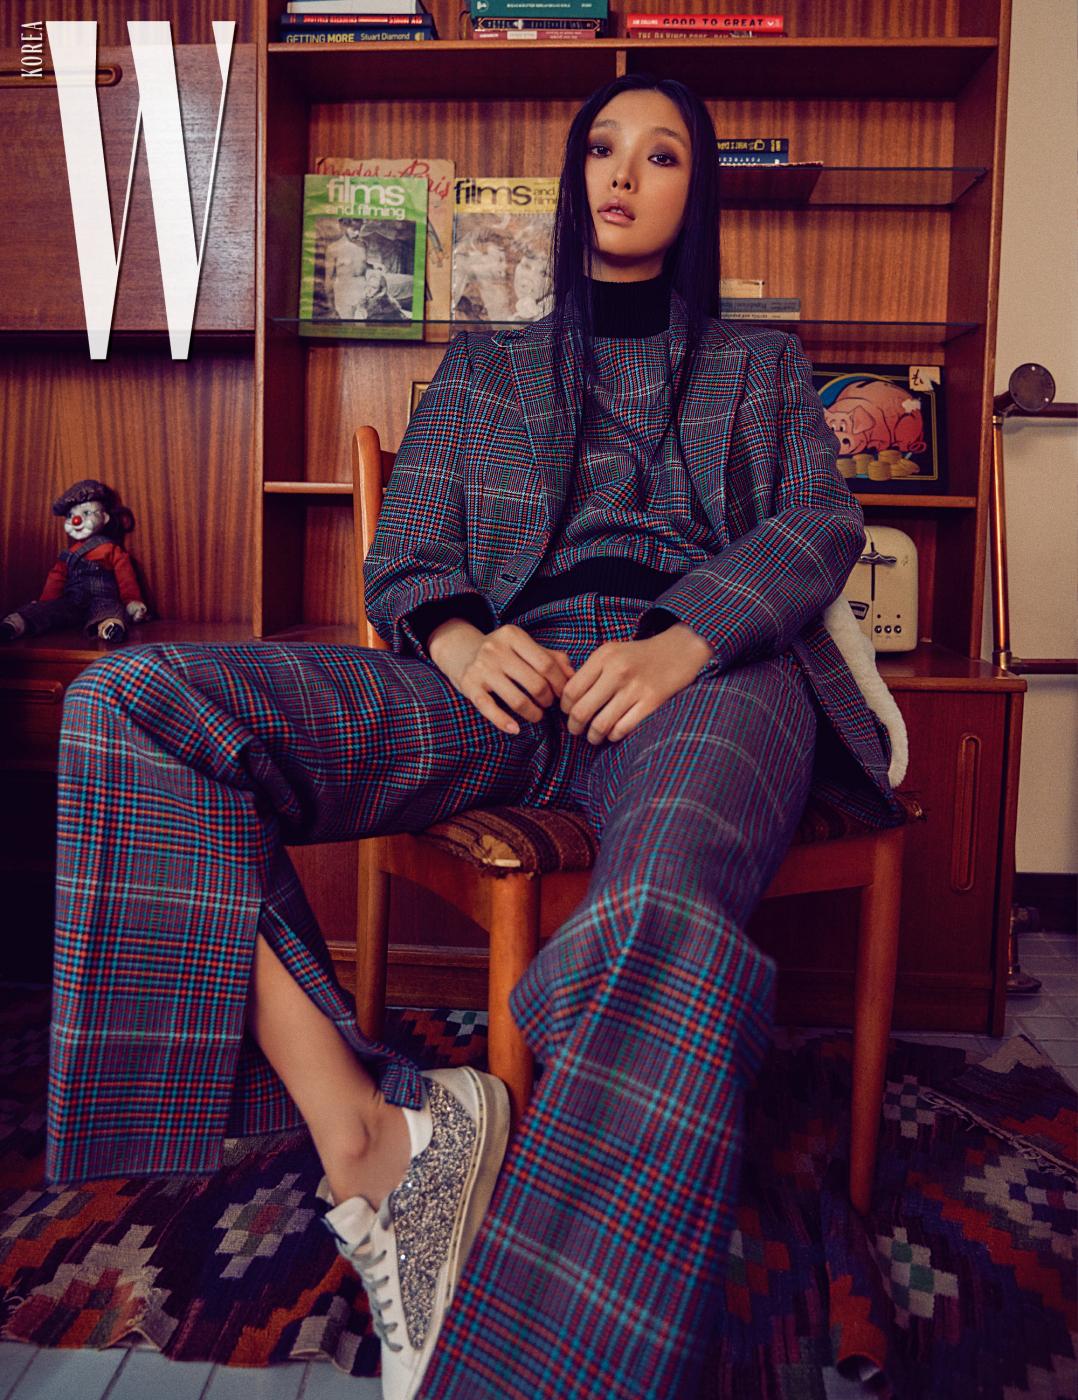 체크무늬 재킷, 터틀넥, 팬츠, 글리터 장식 스니커즈는 모두 Golden Goose Deluxe Brand 제품.